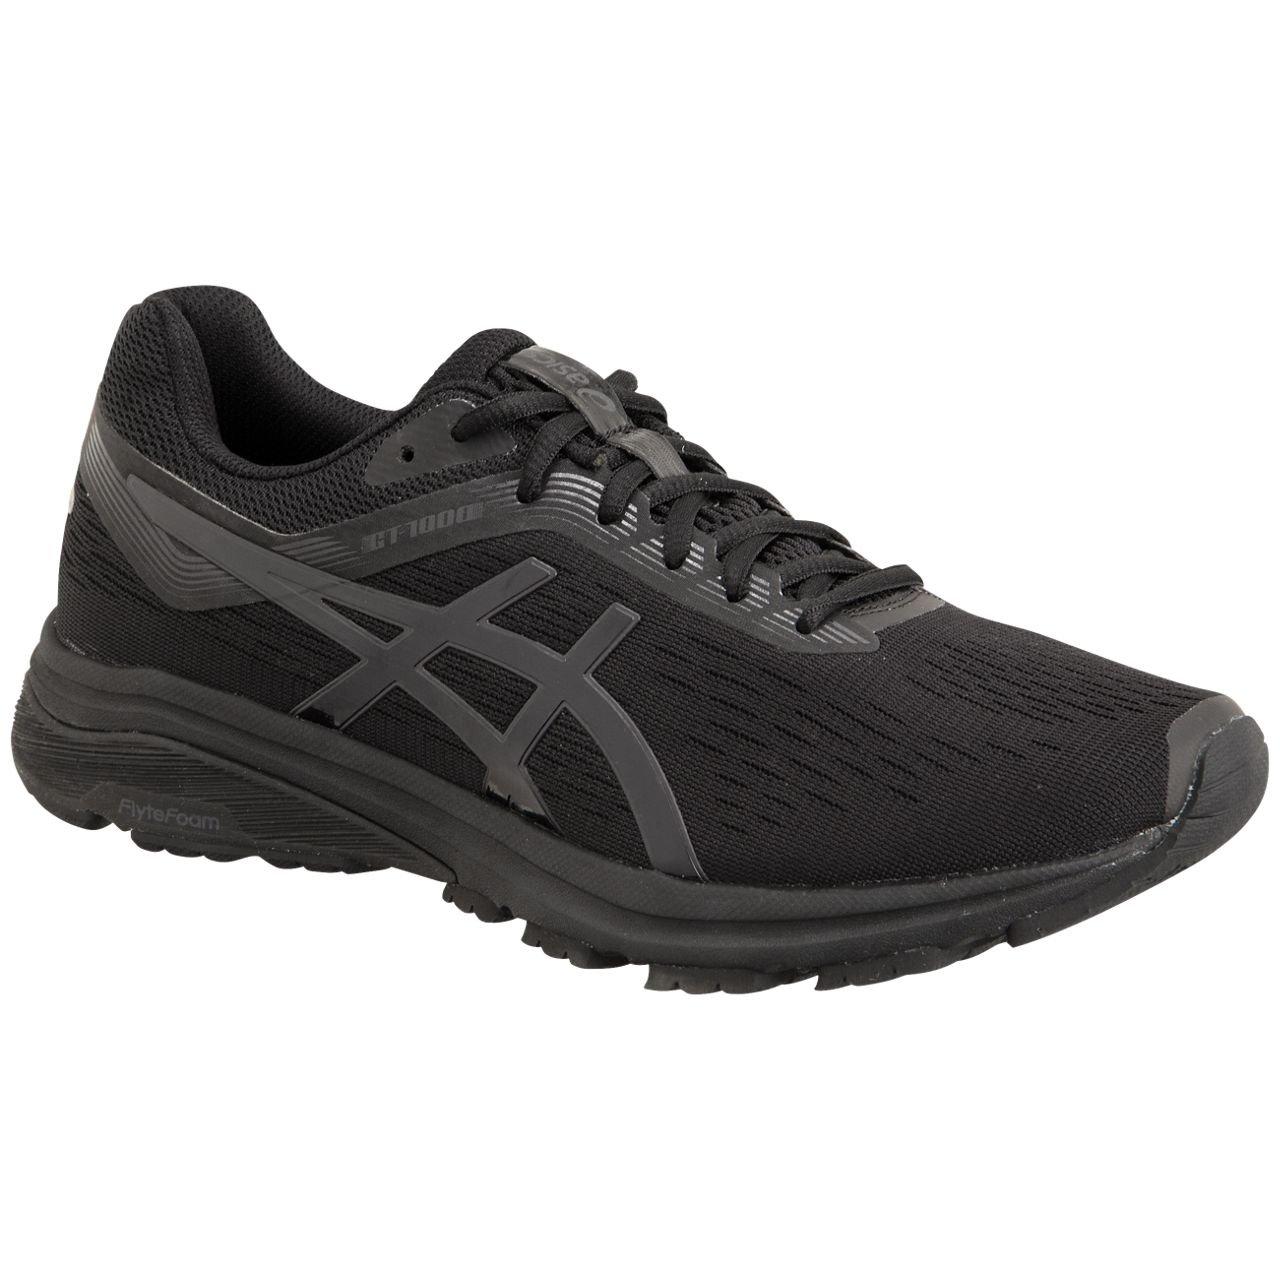 ASICS Men's, GT 1000 7 Running Sneakers 4E Wide Width B079SHFJK9 12 M US|Black/Phantom